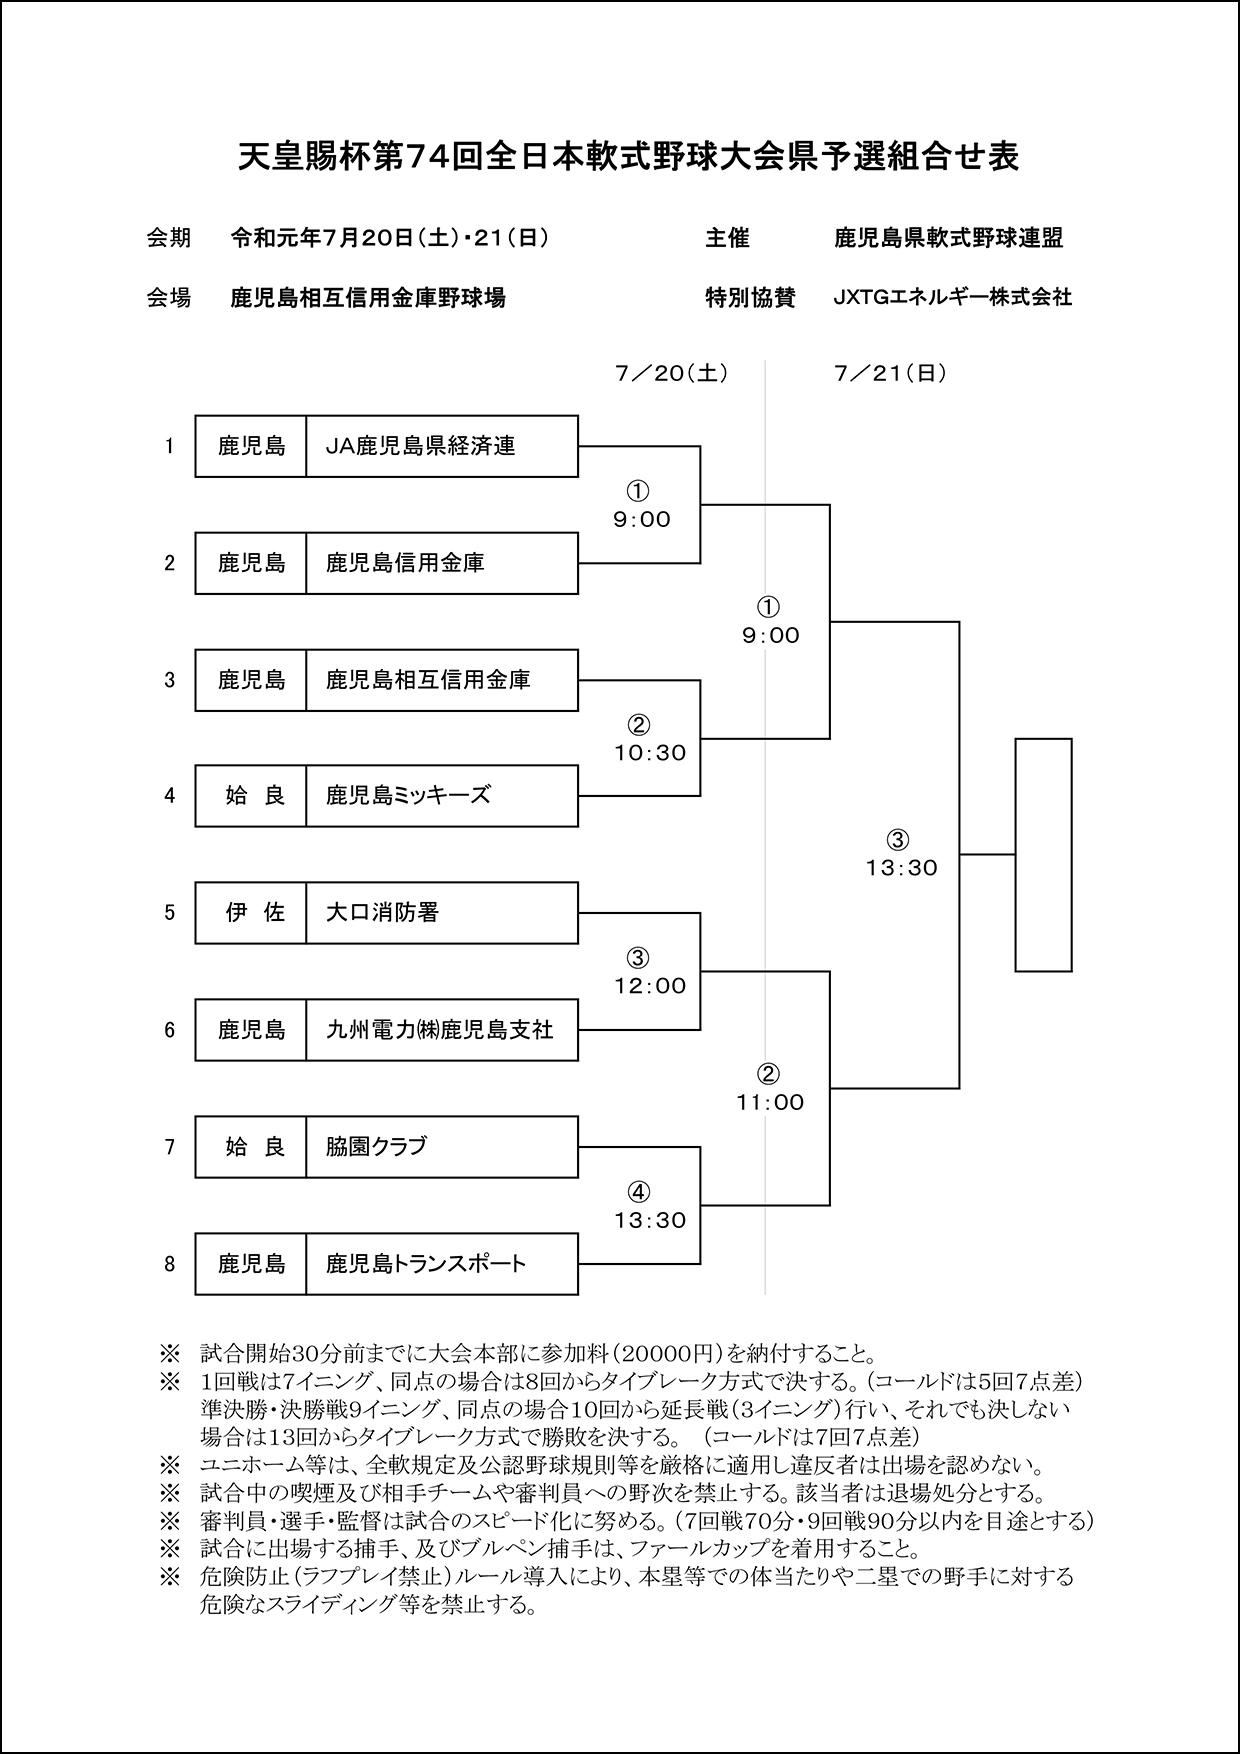 【組合せ】天皇賜杯第74回全日本軟式野球県大会